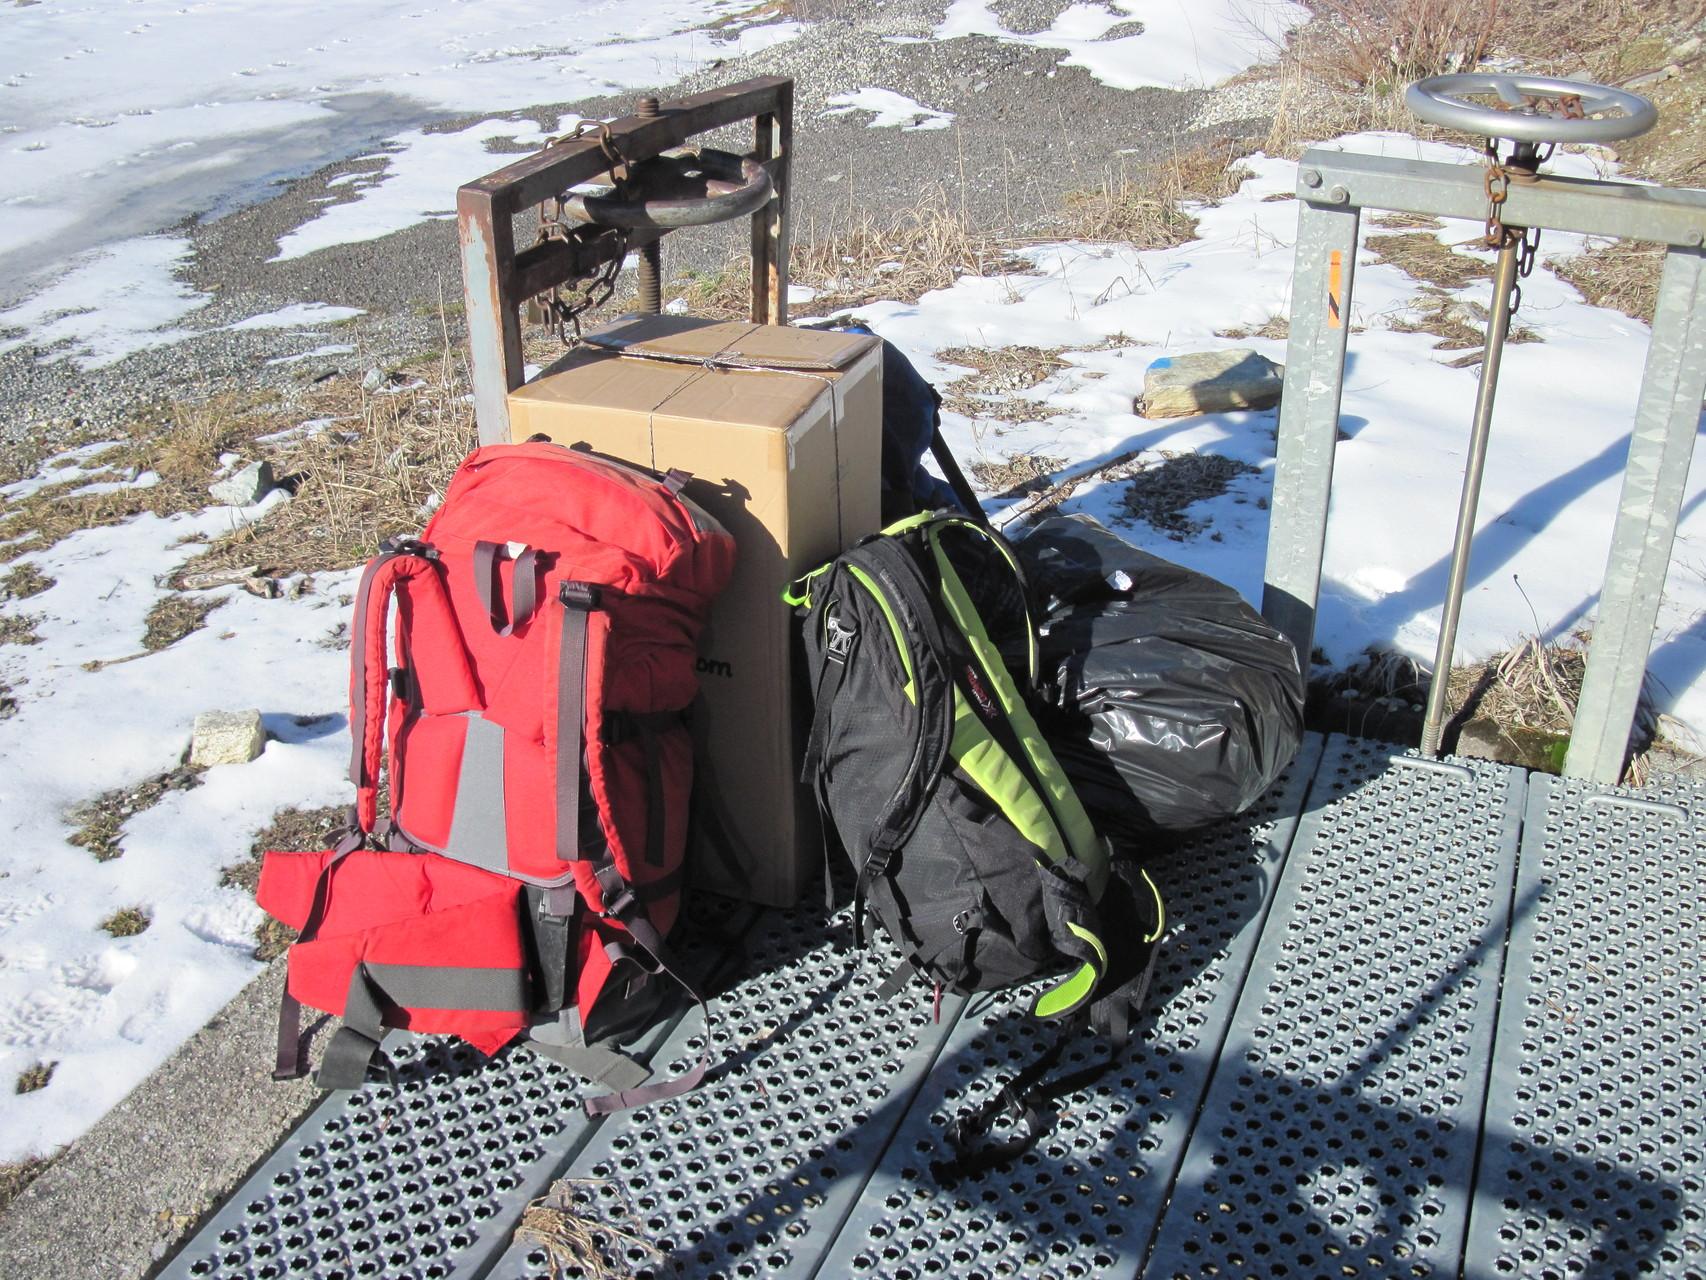 Unser Gepäck ist bereit zum Ablug